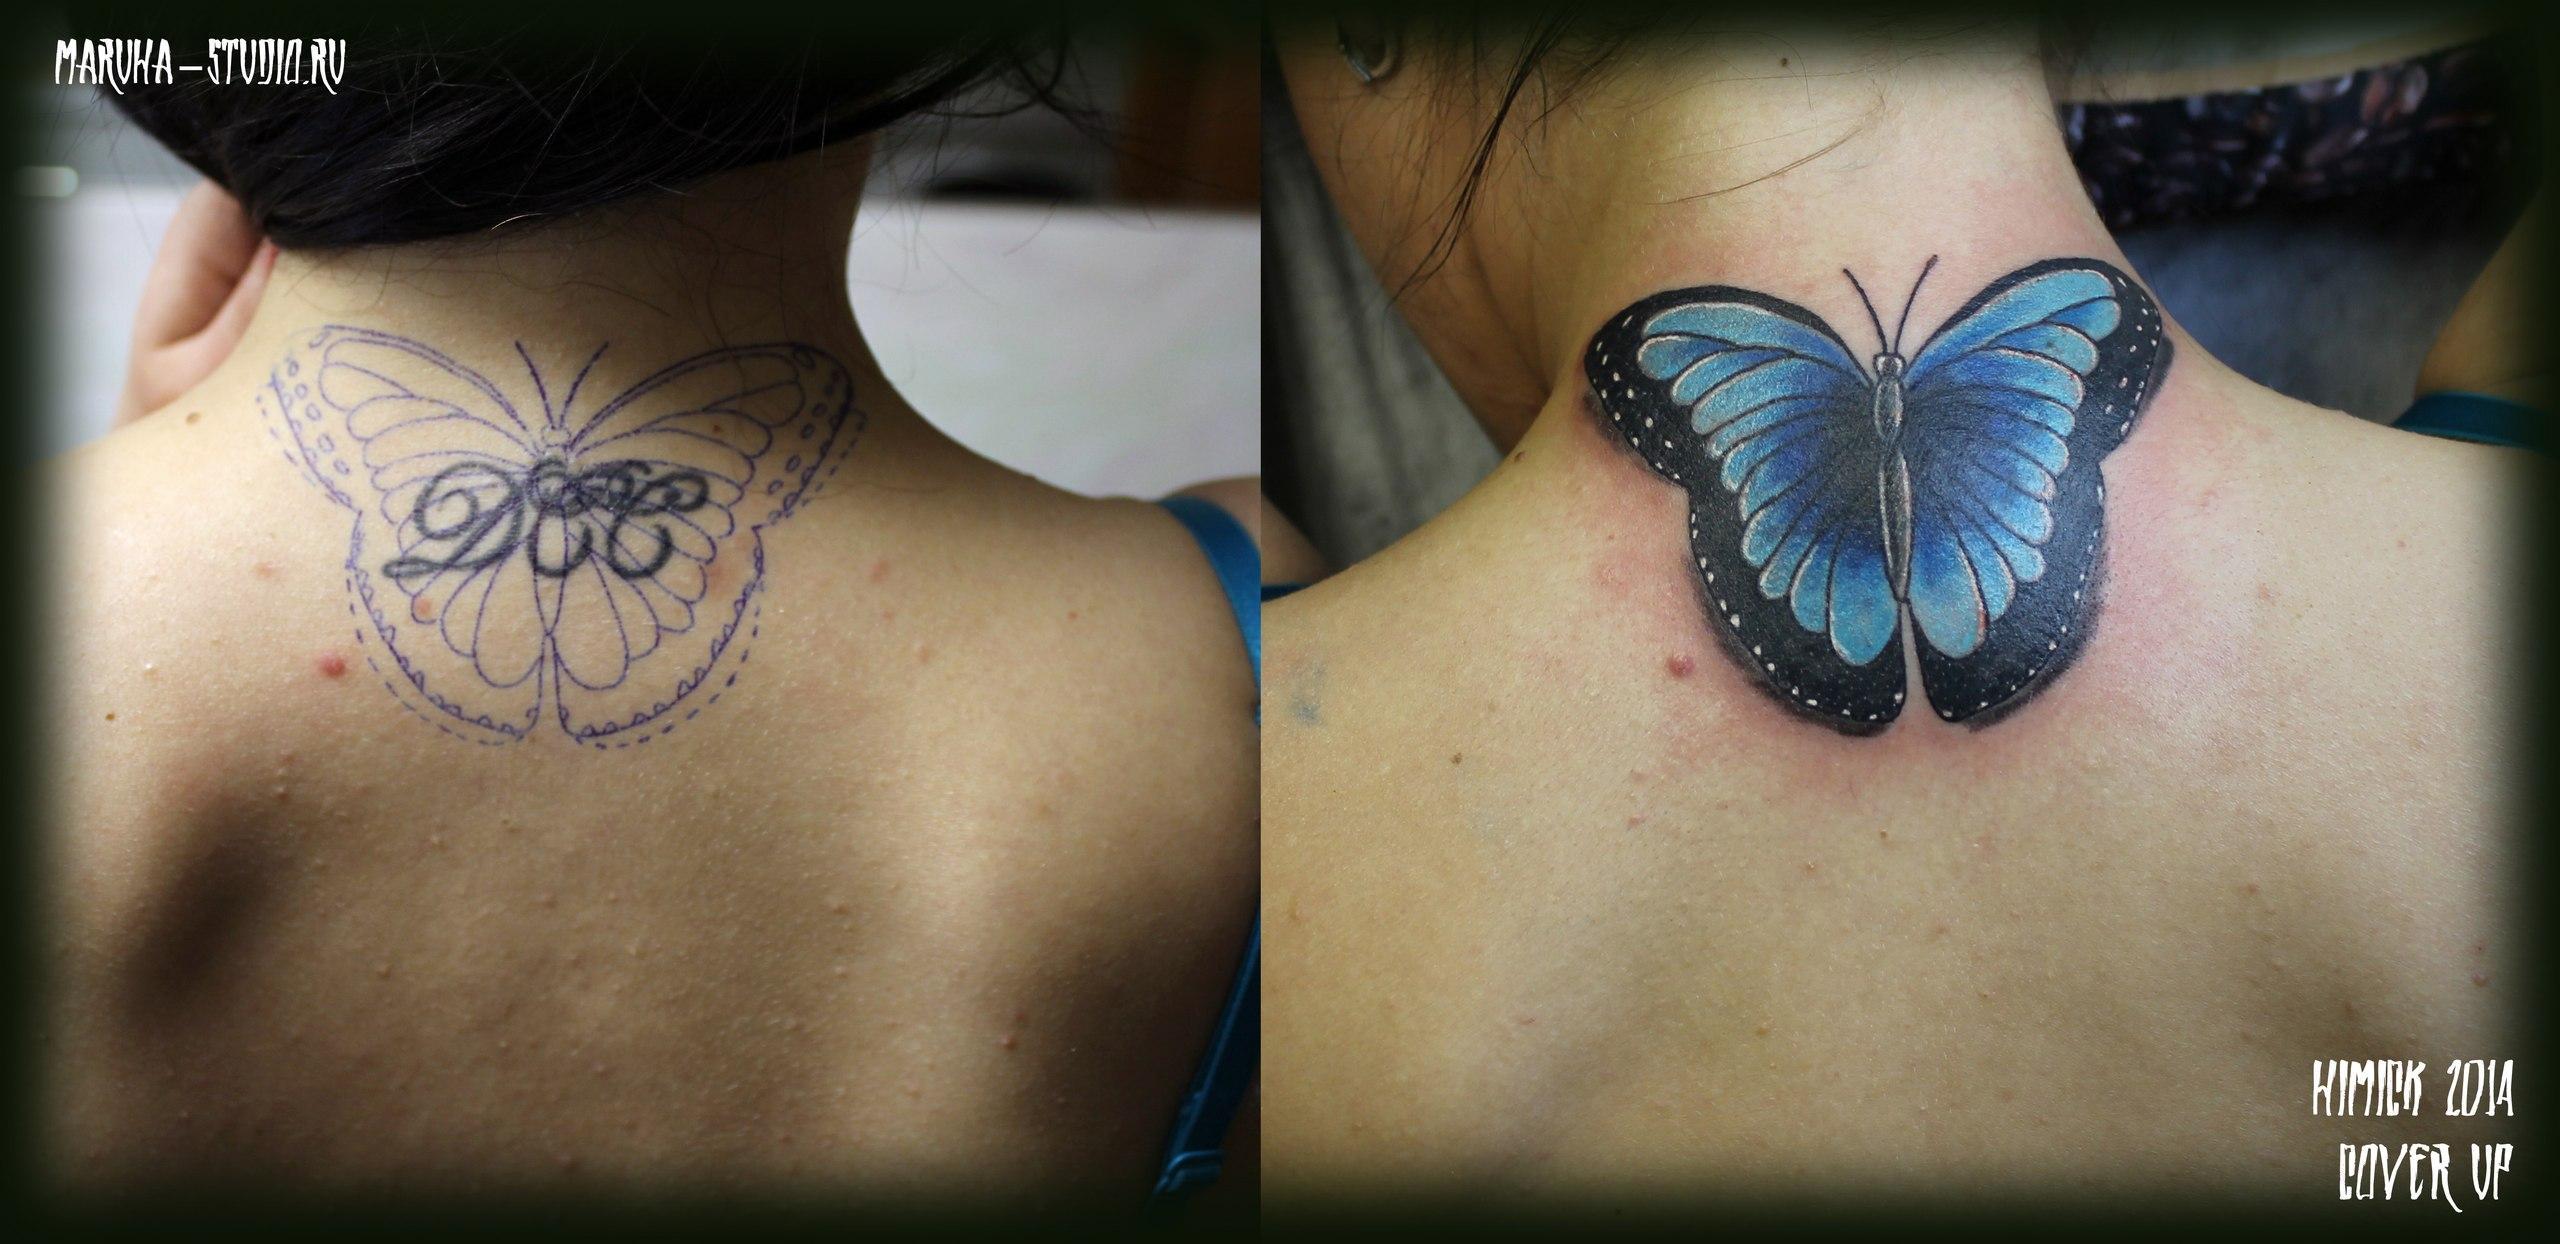 """Художественная татуировка """"Бабочка"""". Перекрытие от Евгения Химика."""